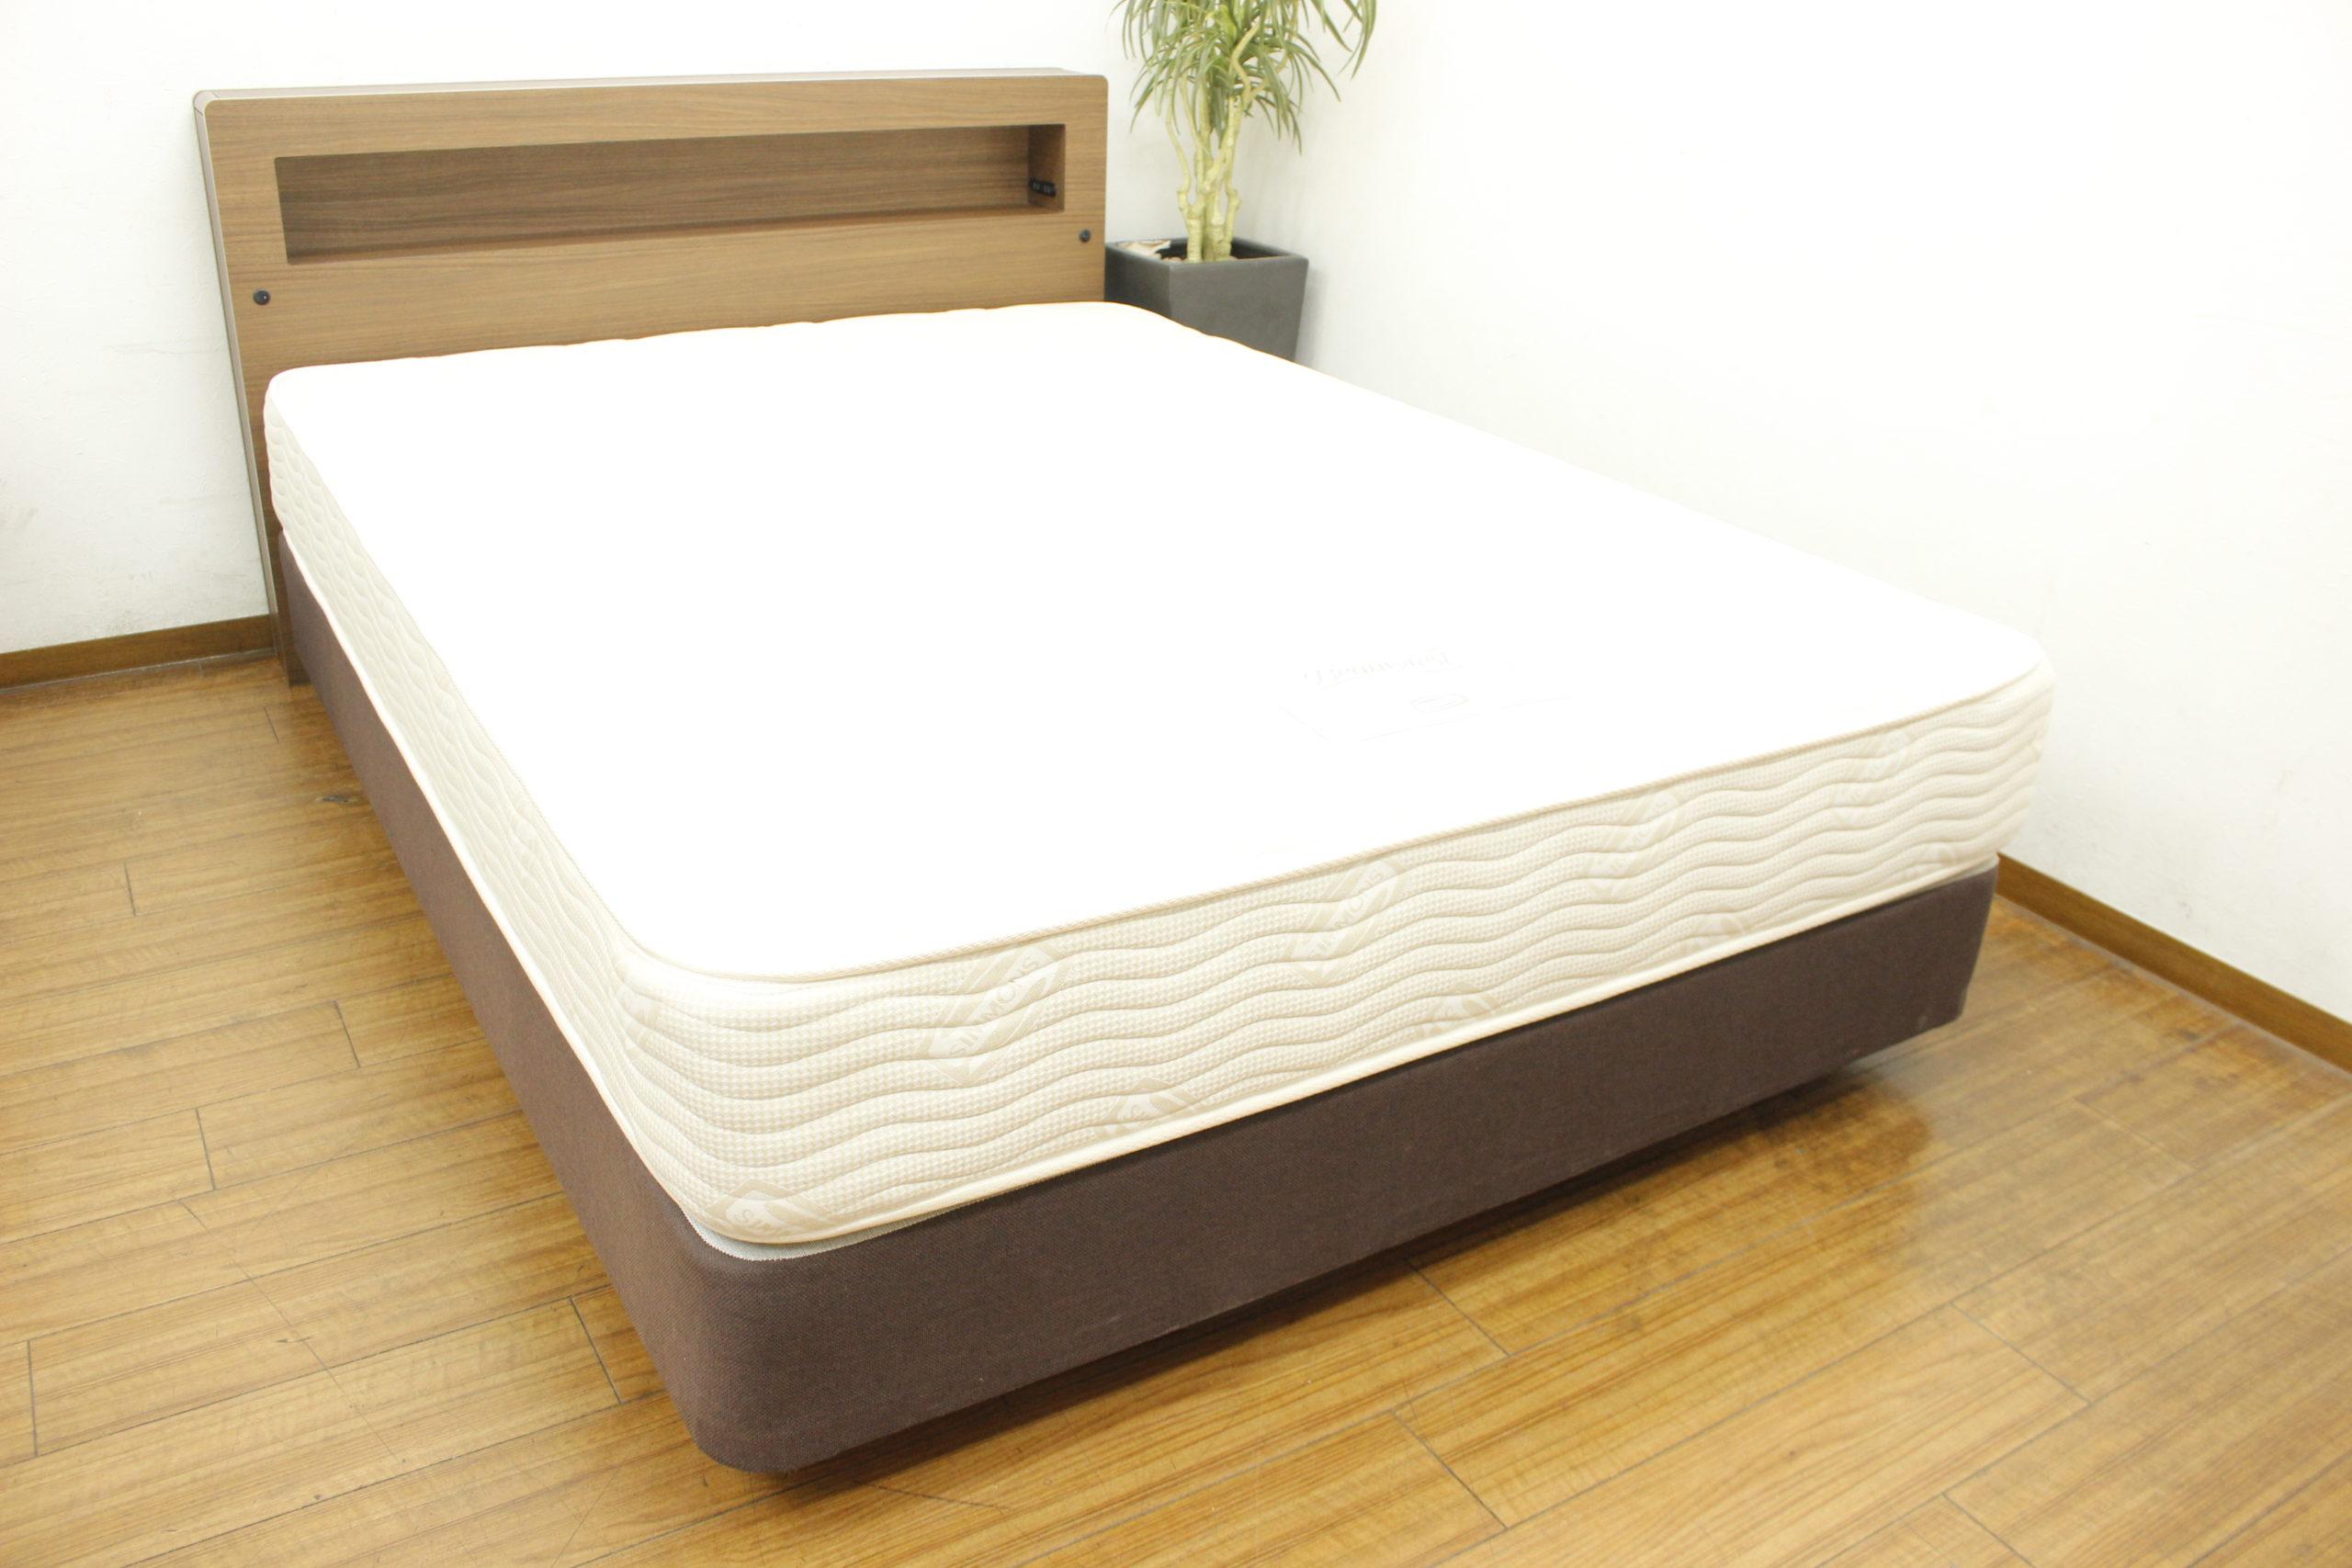 (福岡市中央区)シモンズ  ビューティーレスト ダブルベッド // サータ シーリー 無印良品 マニフレックス など ベッドも買取致します♪の買取-